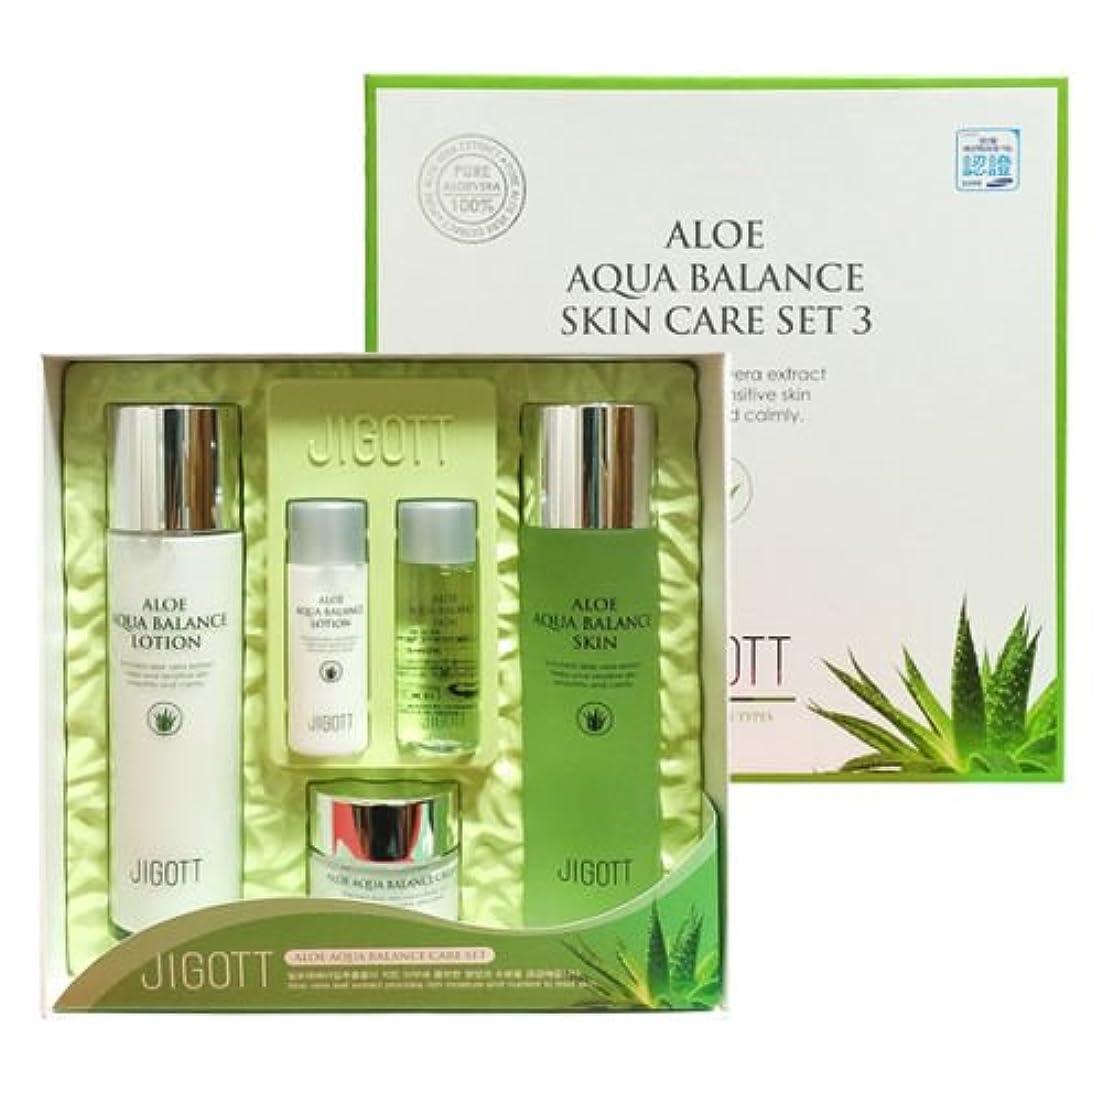 カトリック教徒人差し指今後ジゴトゥ[韓国コスメJigott]Aloe Aqua Balance Skin Care 3 Set アロエアクアバランススキンケア3セット樹液,乳液,クリーム [並行輸入品]